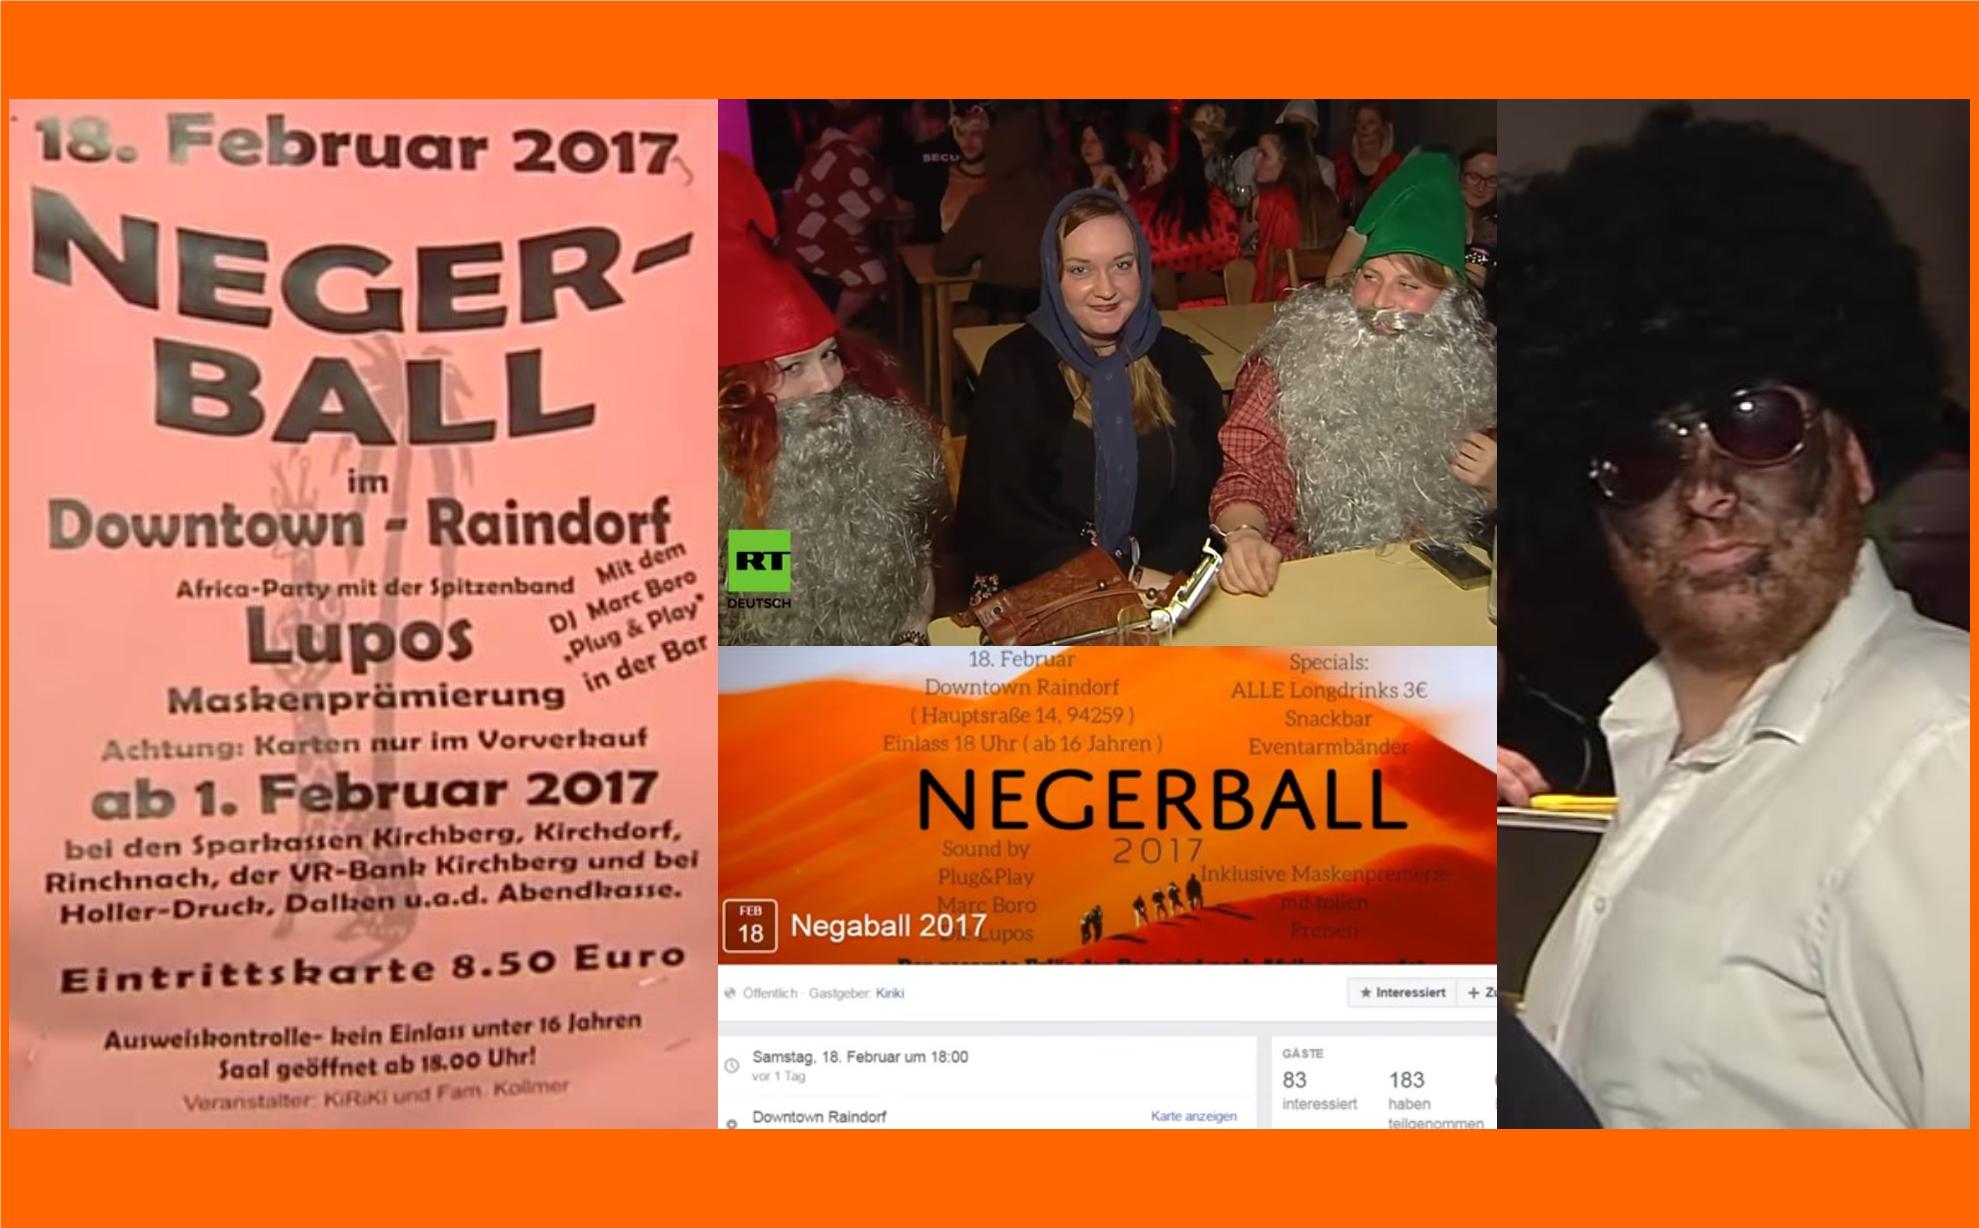 """Korrekt gemeldet: Benefizveranstaltung """"Negerball"""" wird """"NEGA-Ball"""" – Niederbayerische Entwicklungshilfe zu Gunsten Afrikas"""